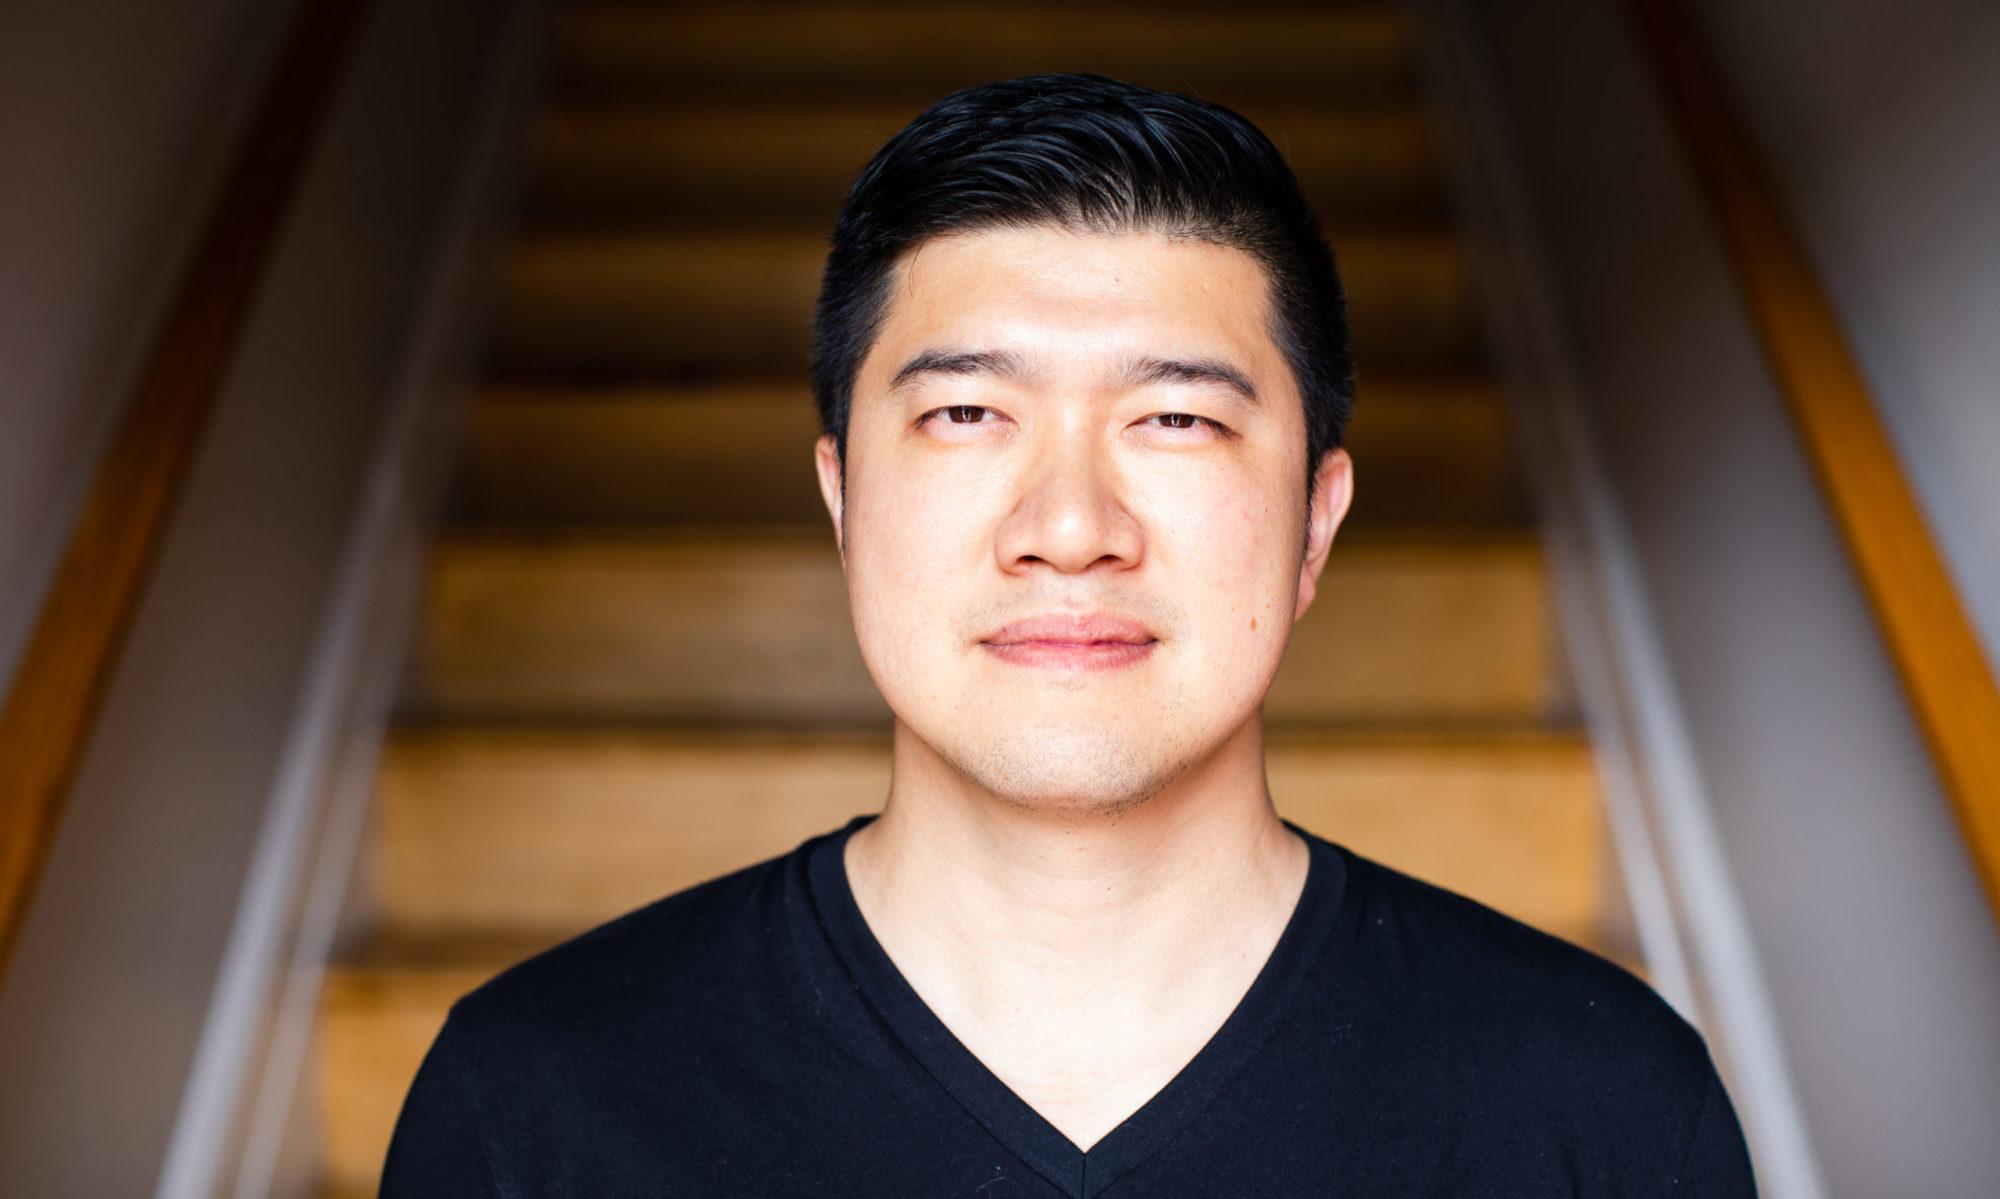 Justin B. Fung